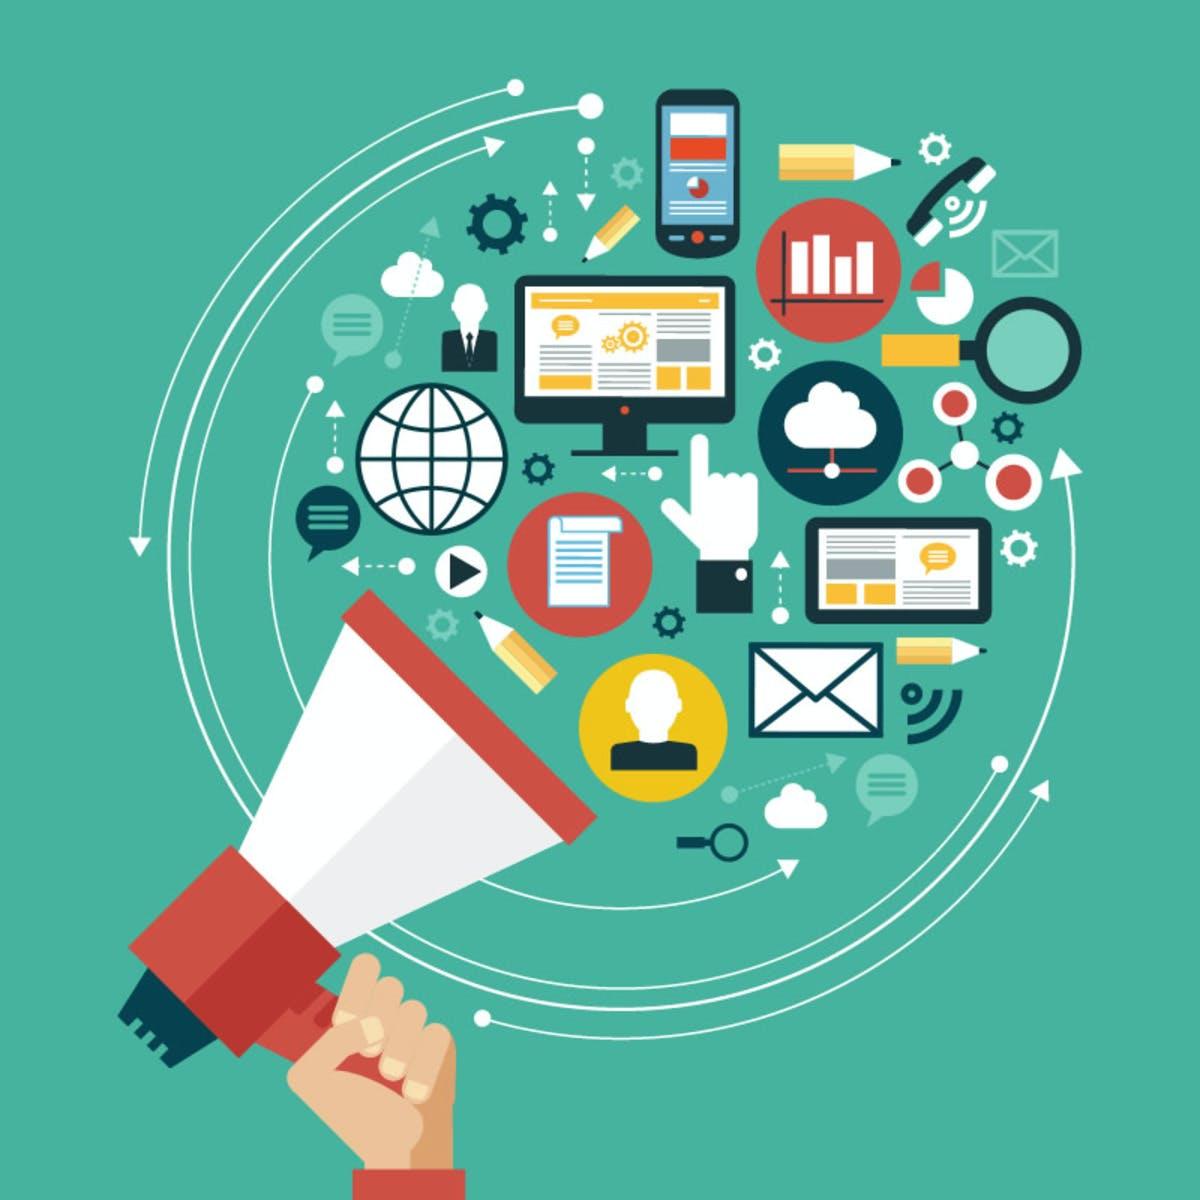 Requerimientos, planeación, ejecución y medición de estrategias para redes sociales